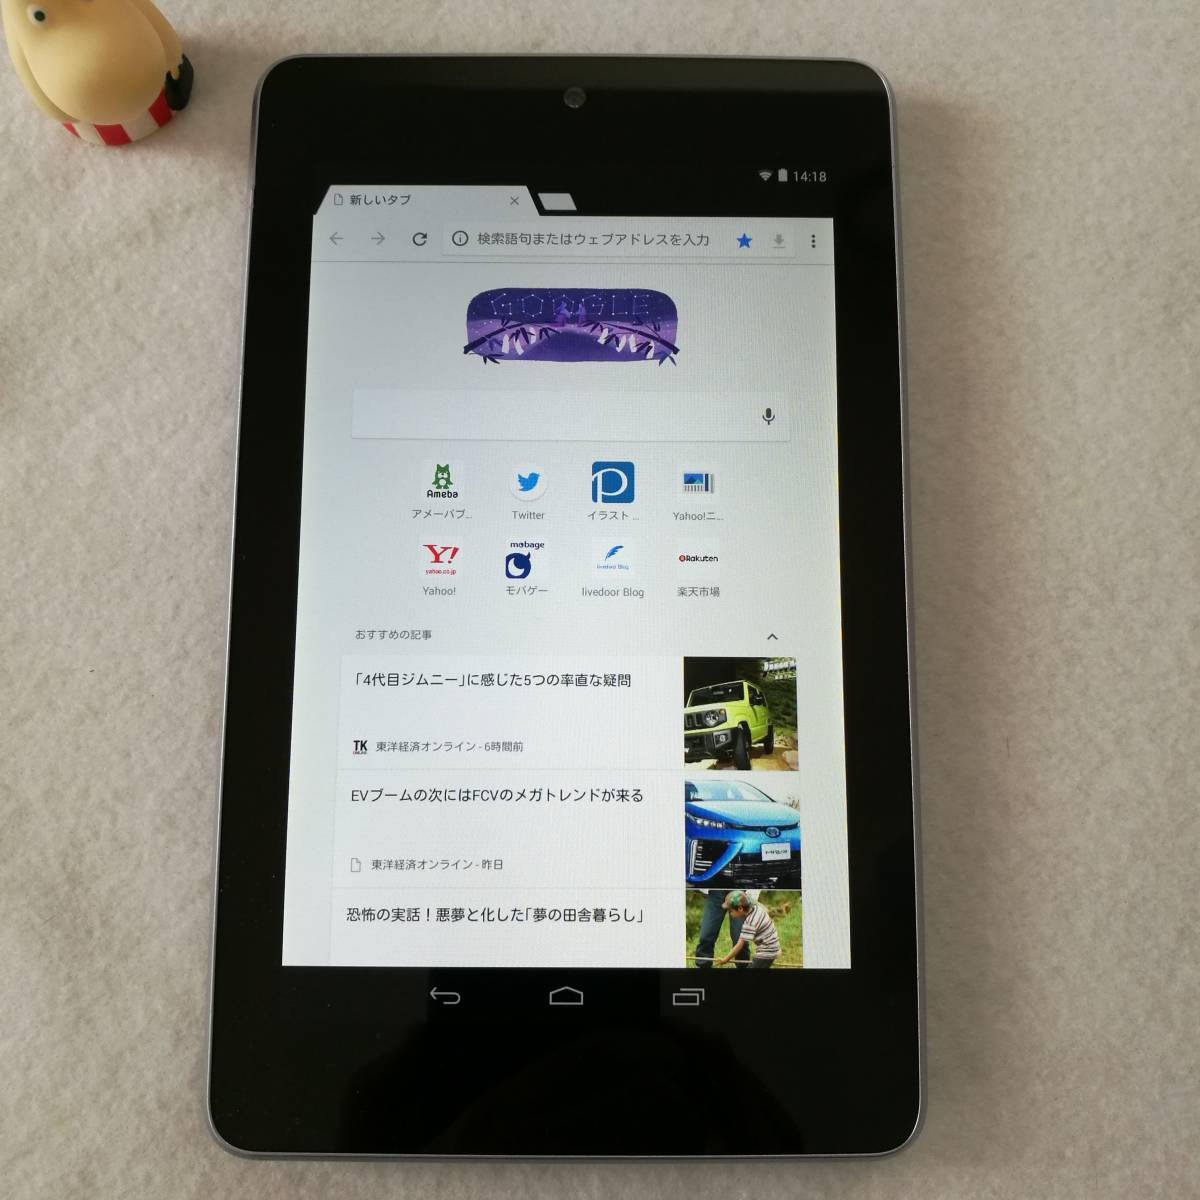 【美品です】【7インチタブレットの名機】Google Nexus7 Wi-Fiモデル 16GB ツムツム ポケ森 カーナビ AbemaTV インスタ できます 16_画像3